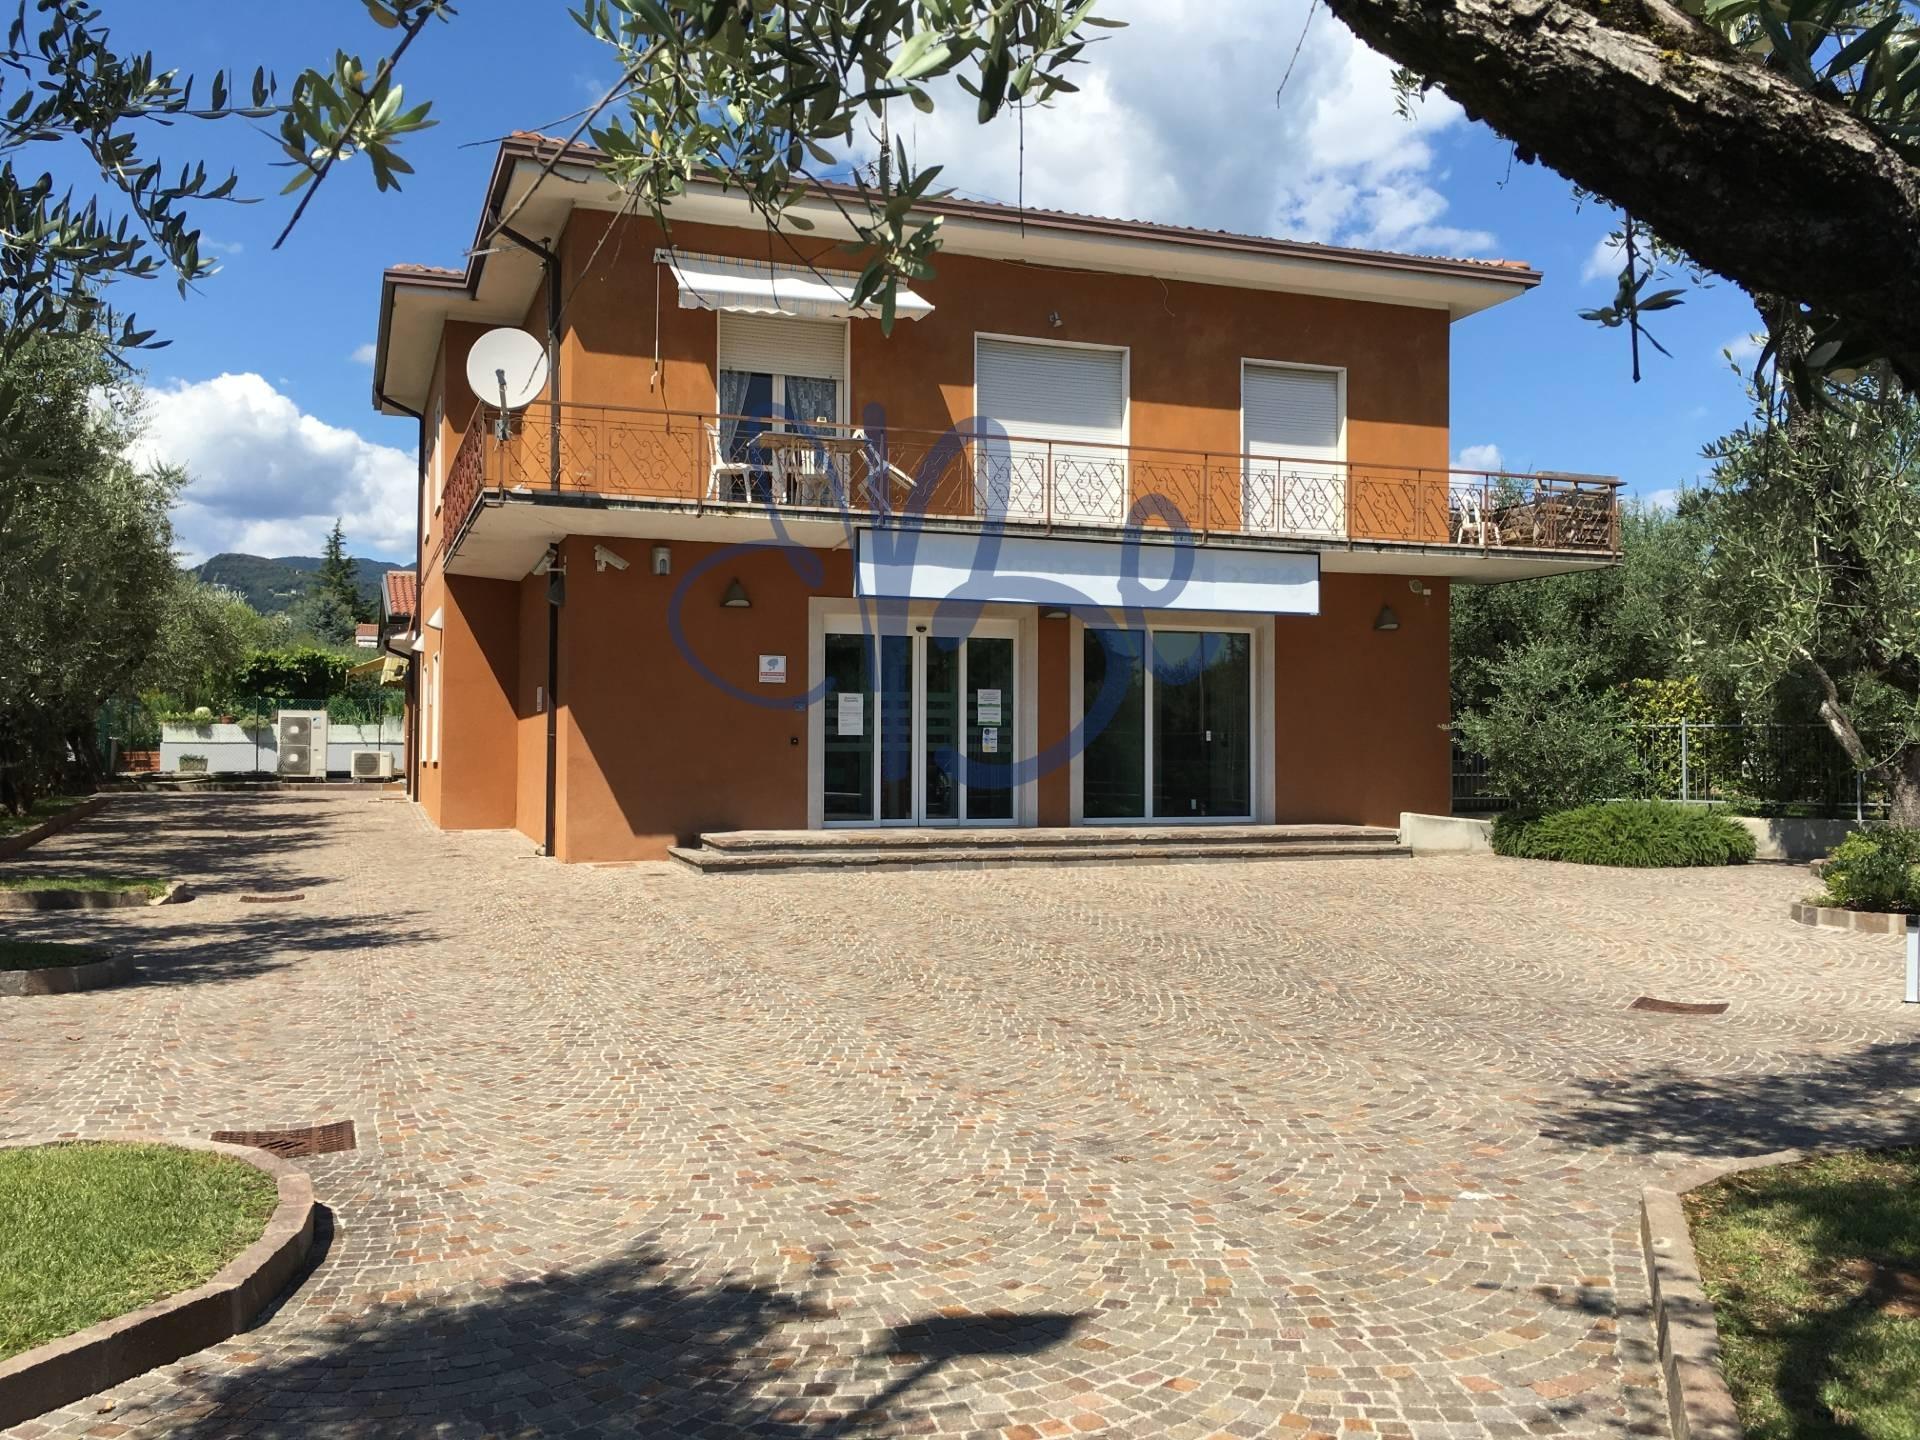 Negozio / Locale in affitto a San Felice del Benaco, 9999 locali, prezzo € 1.300 | CambioCasa.it